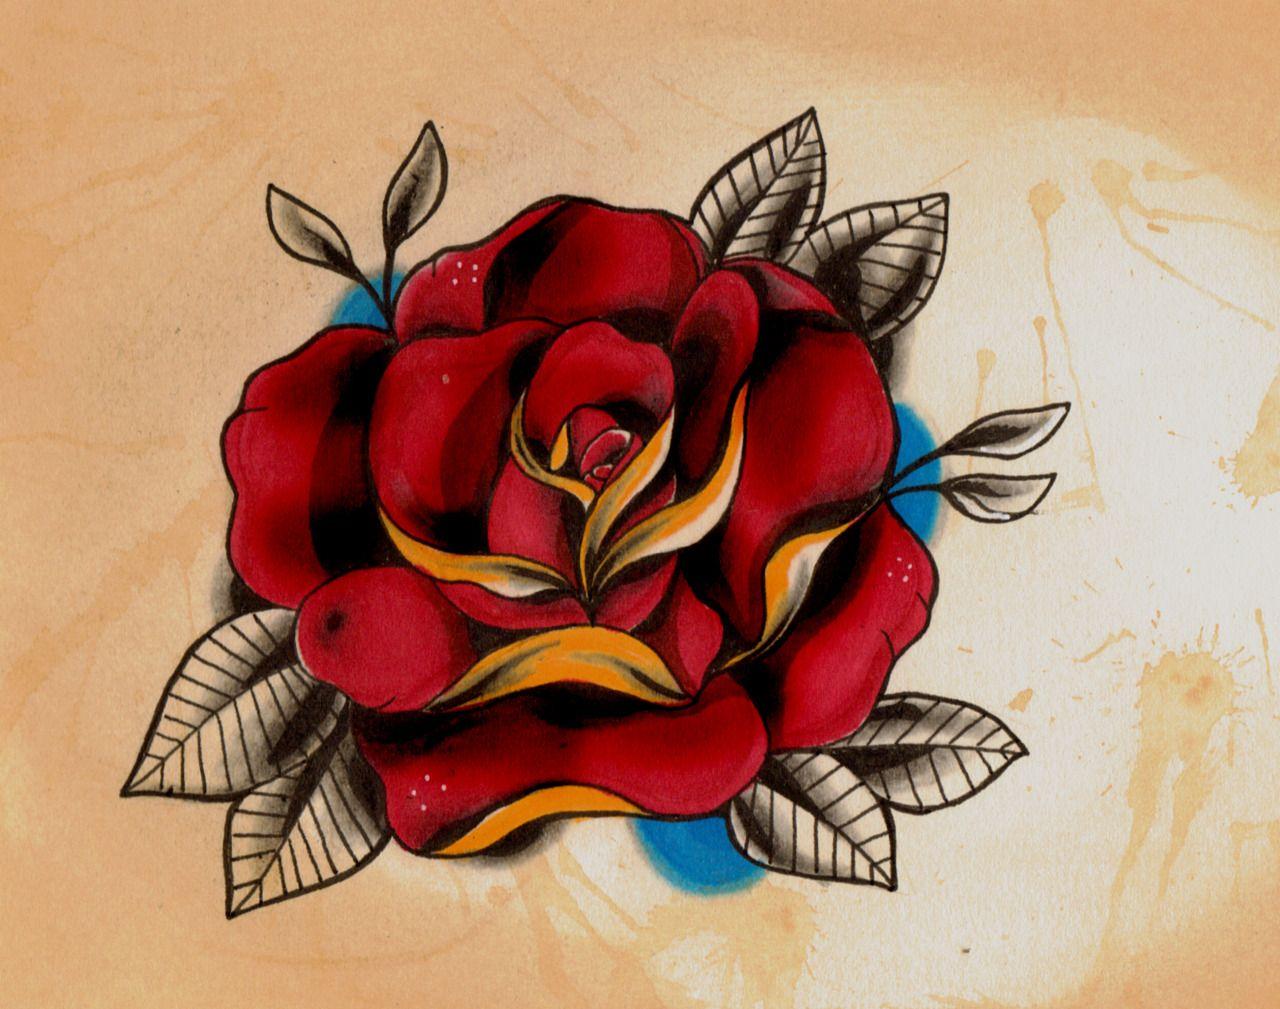 diseños típicos tatuajes tradicionales para hombres y mujeres, rosa roja, diseño clásico en colores intensos